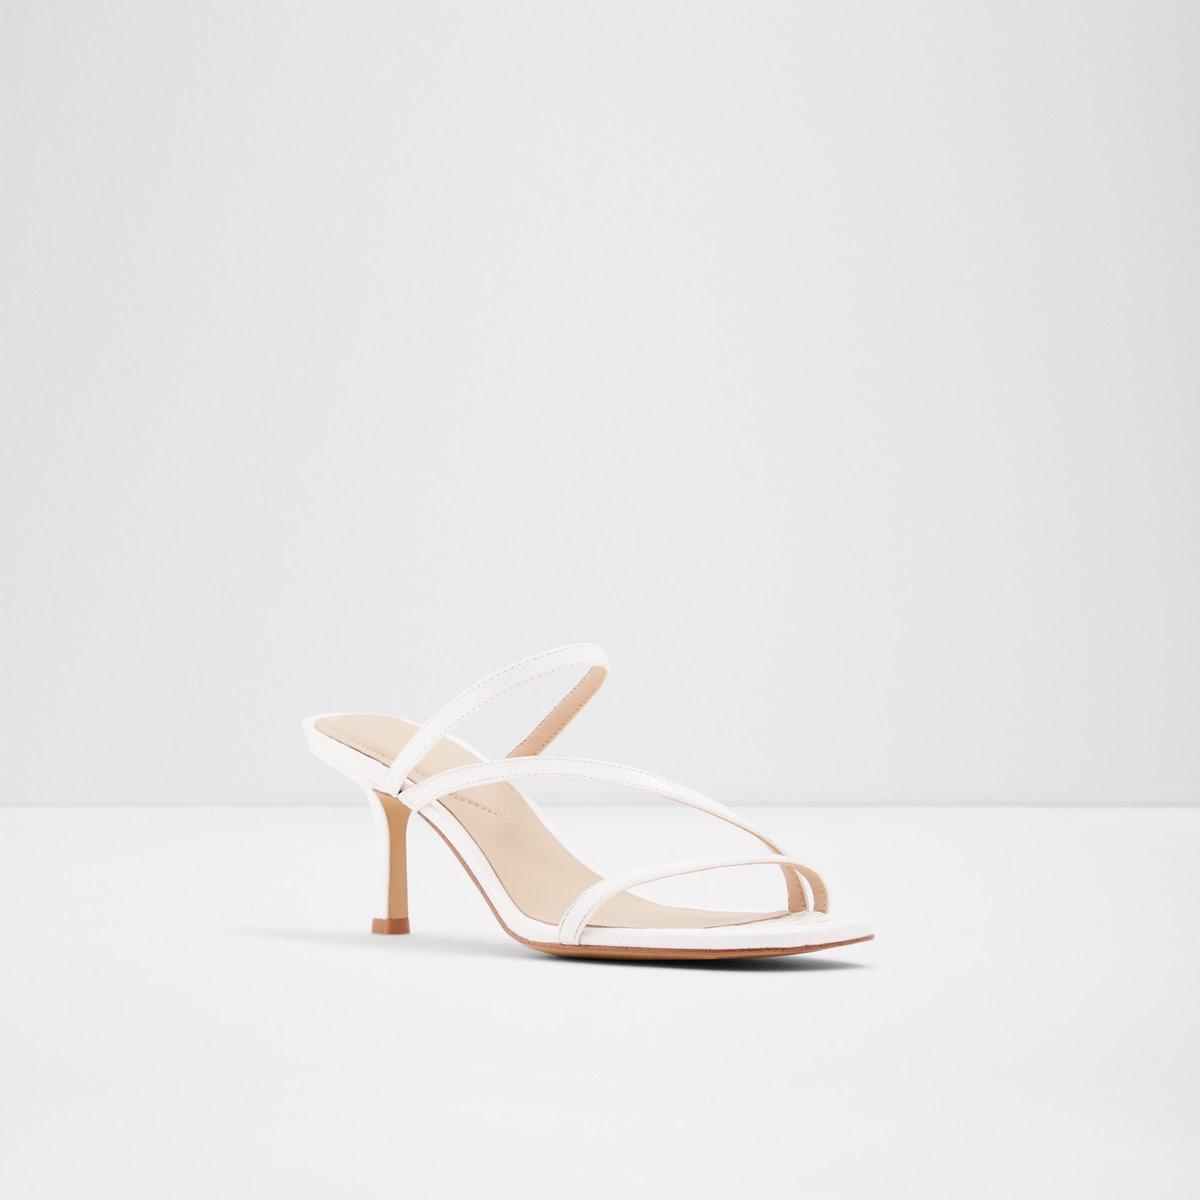 Kaeidia White Women's Sandals   ALDO US